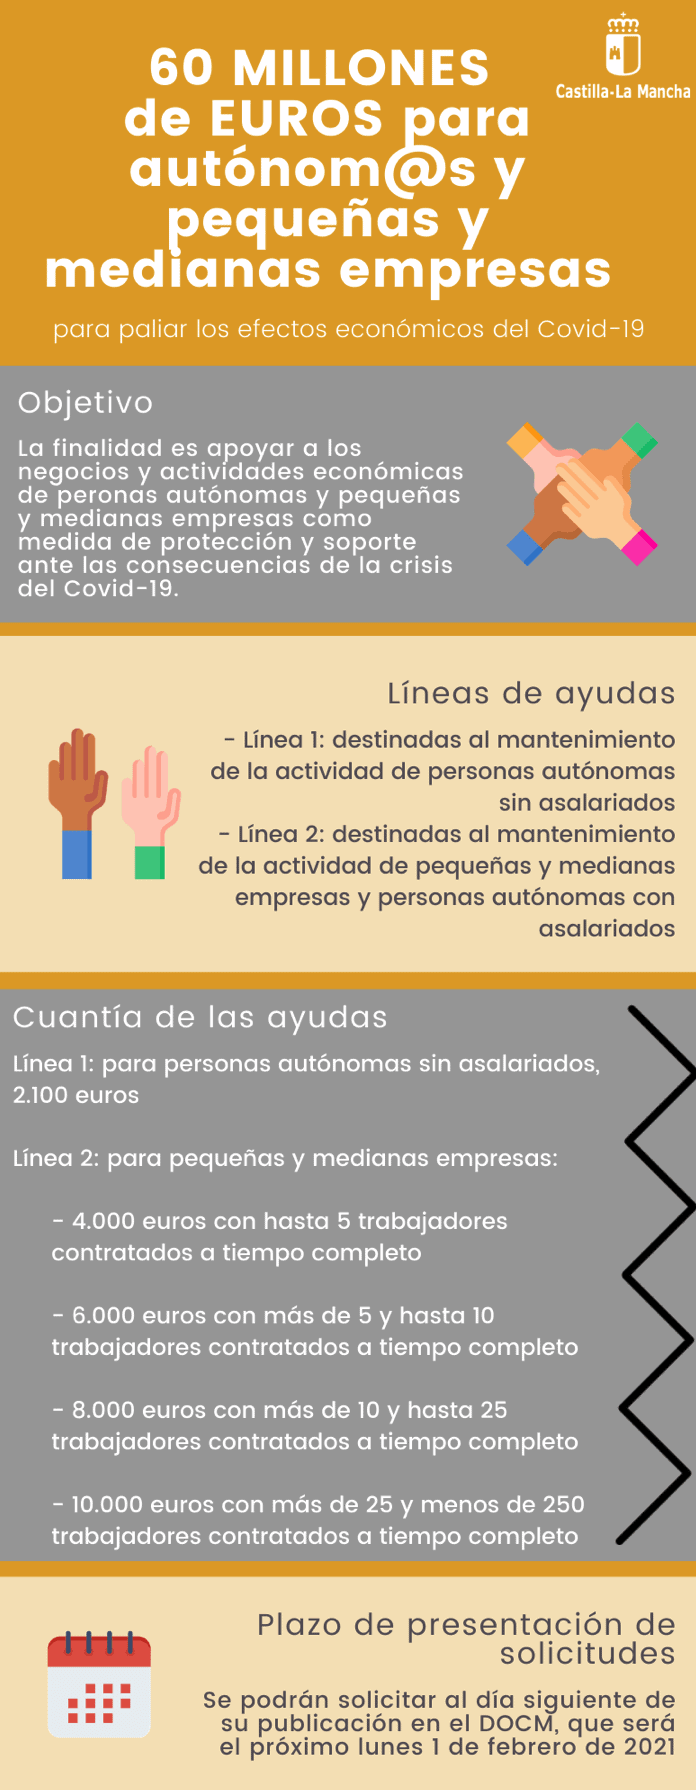 Infografia Ayudas Covid19